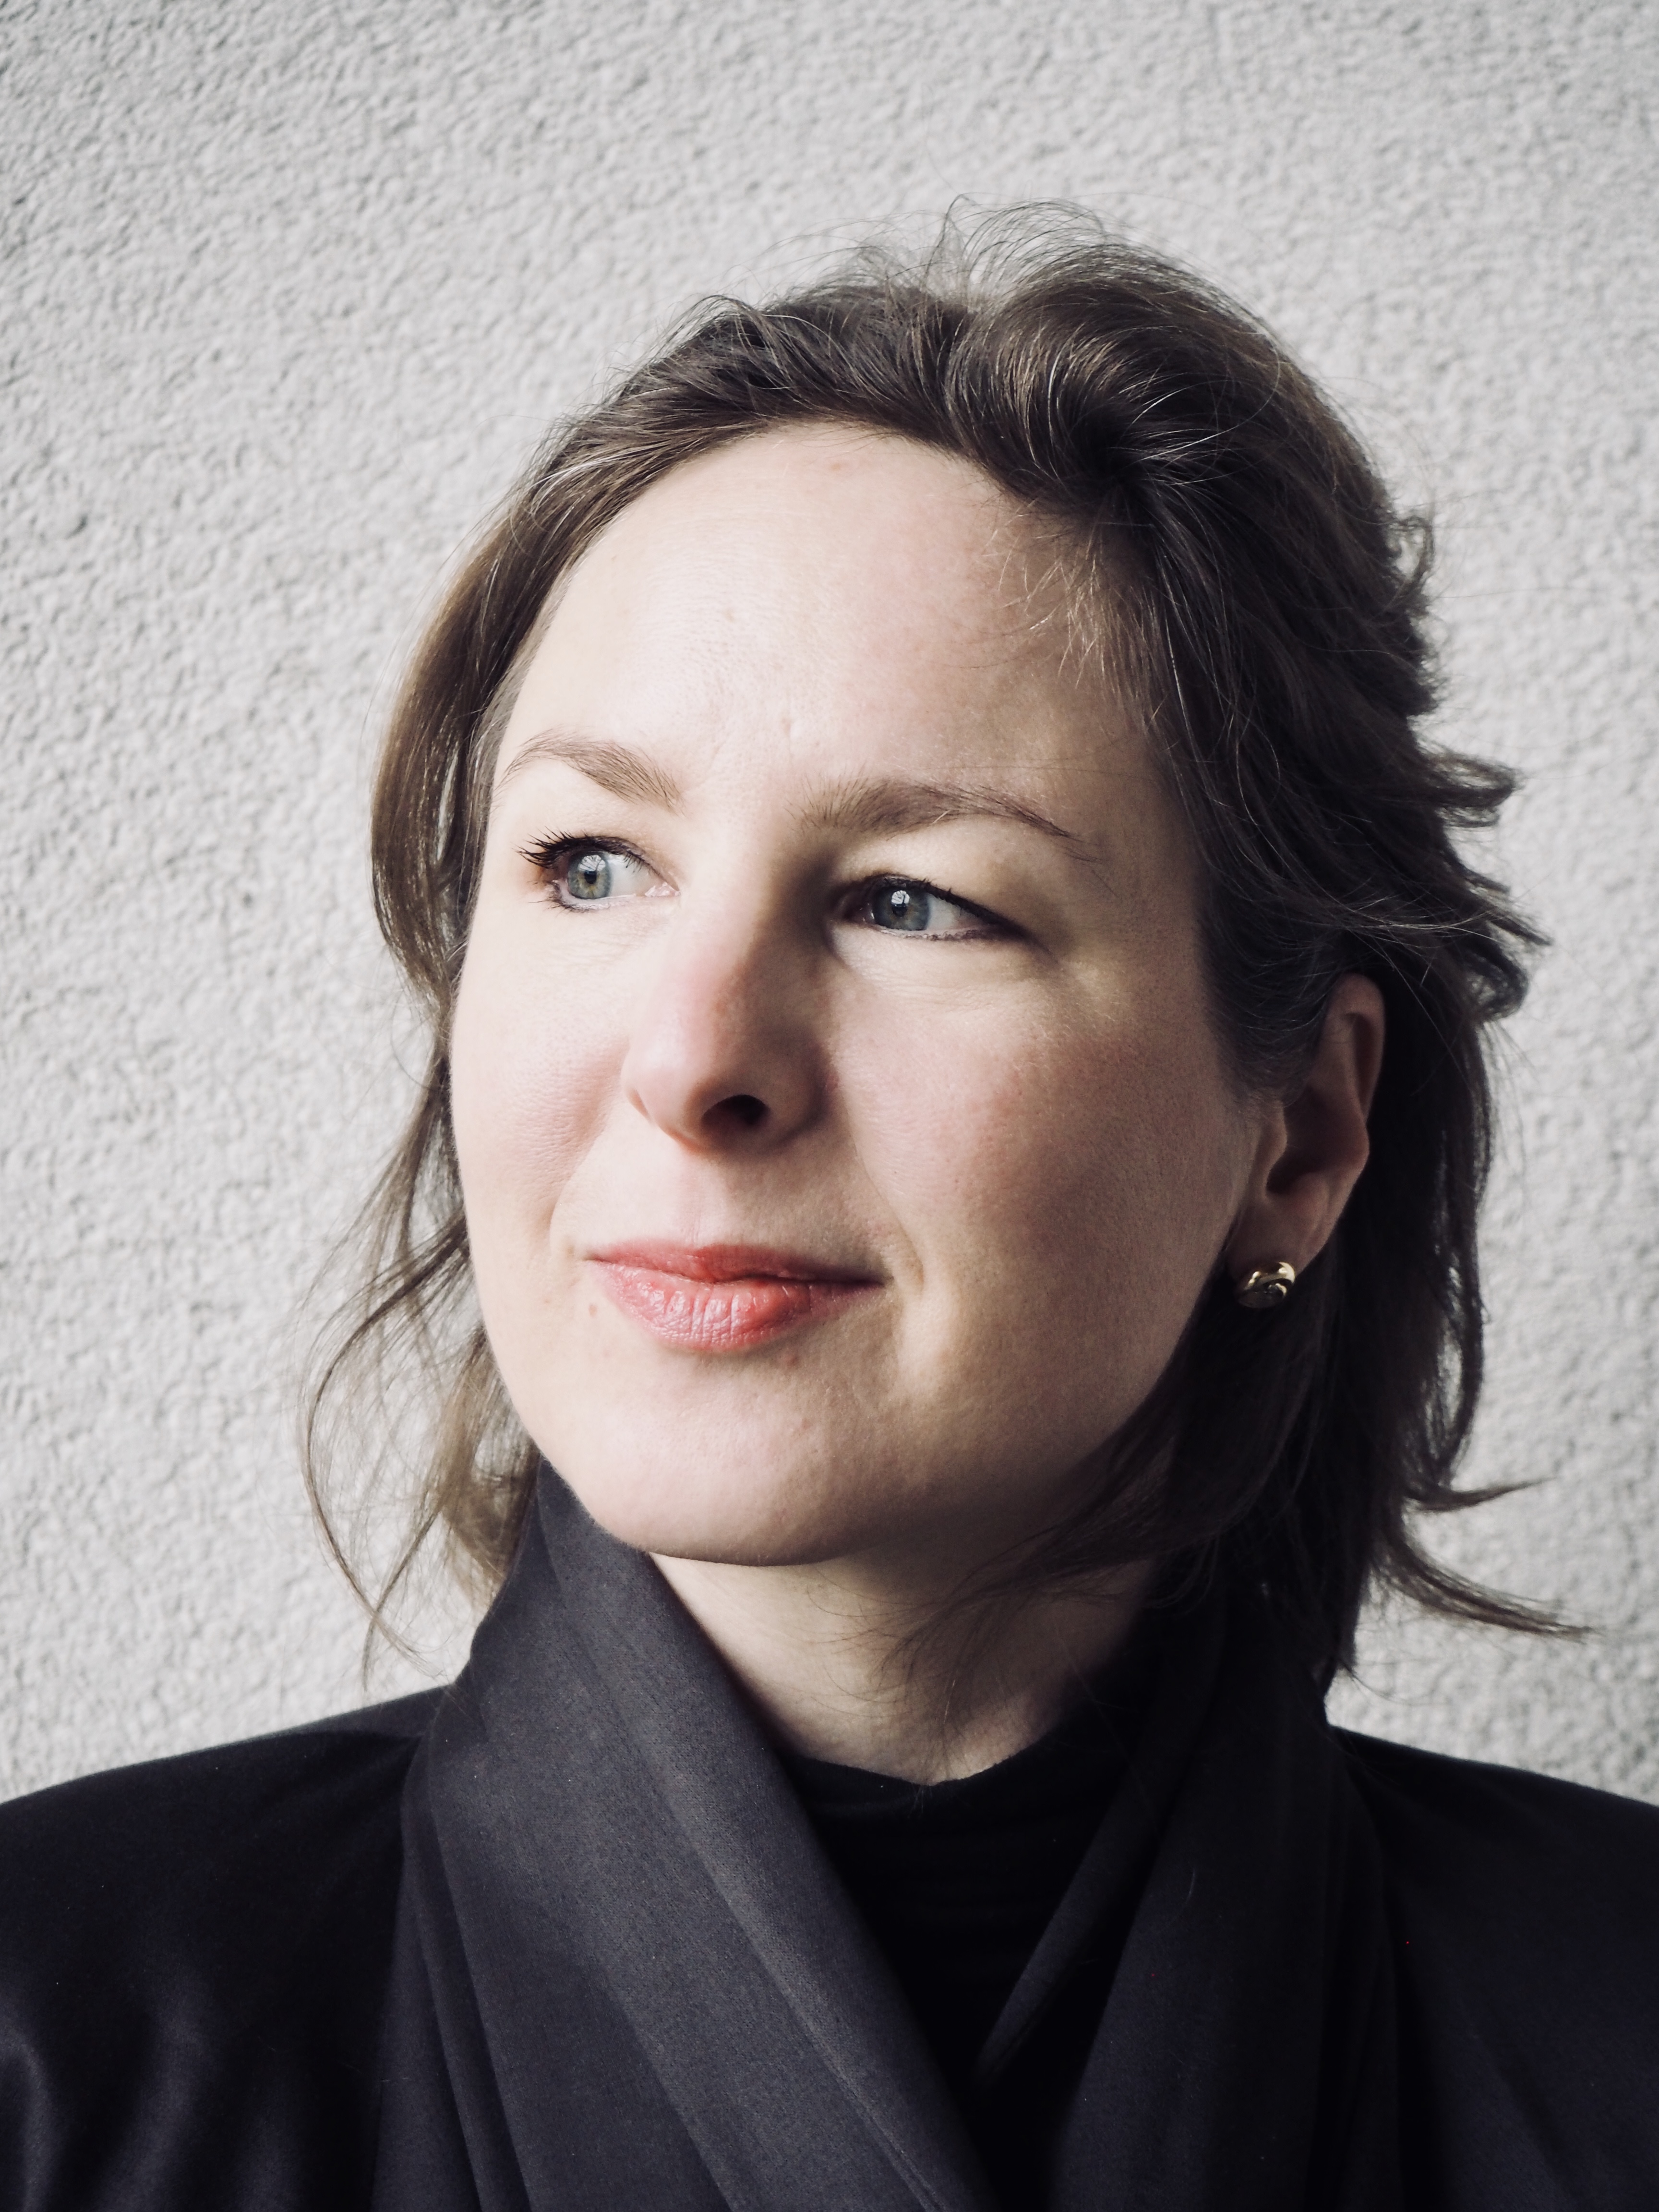 Prof. Dr. Barbara Prainsack, Universität Wien und King's College London. Bild: zvg